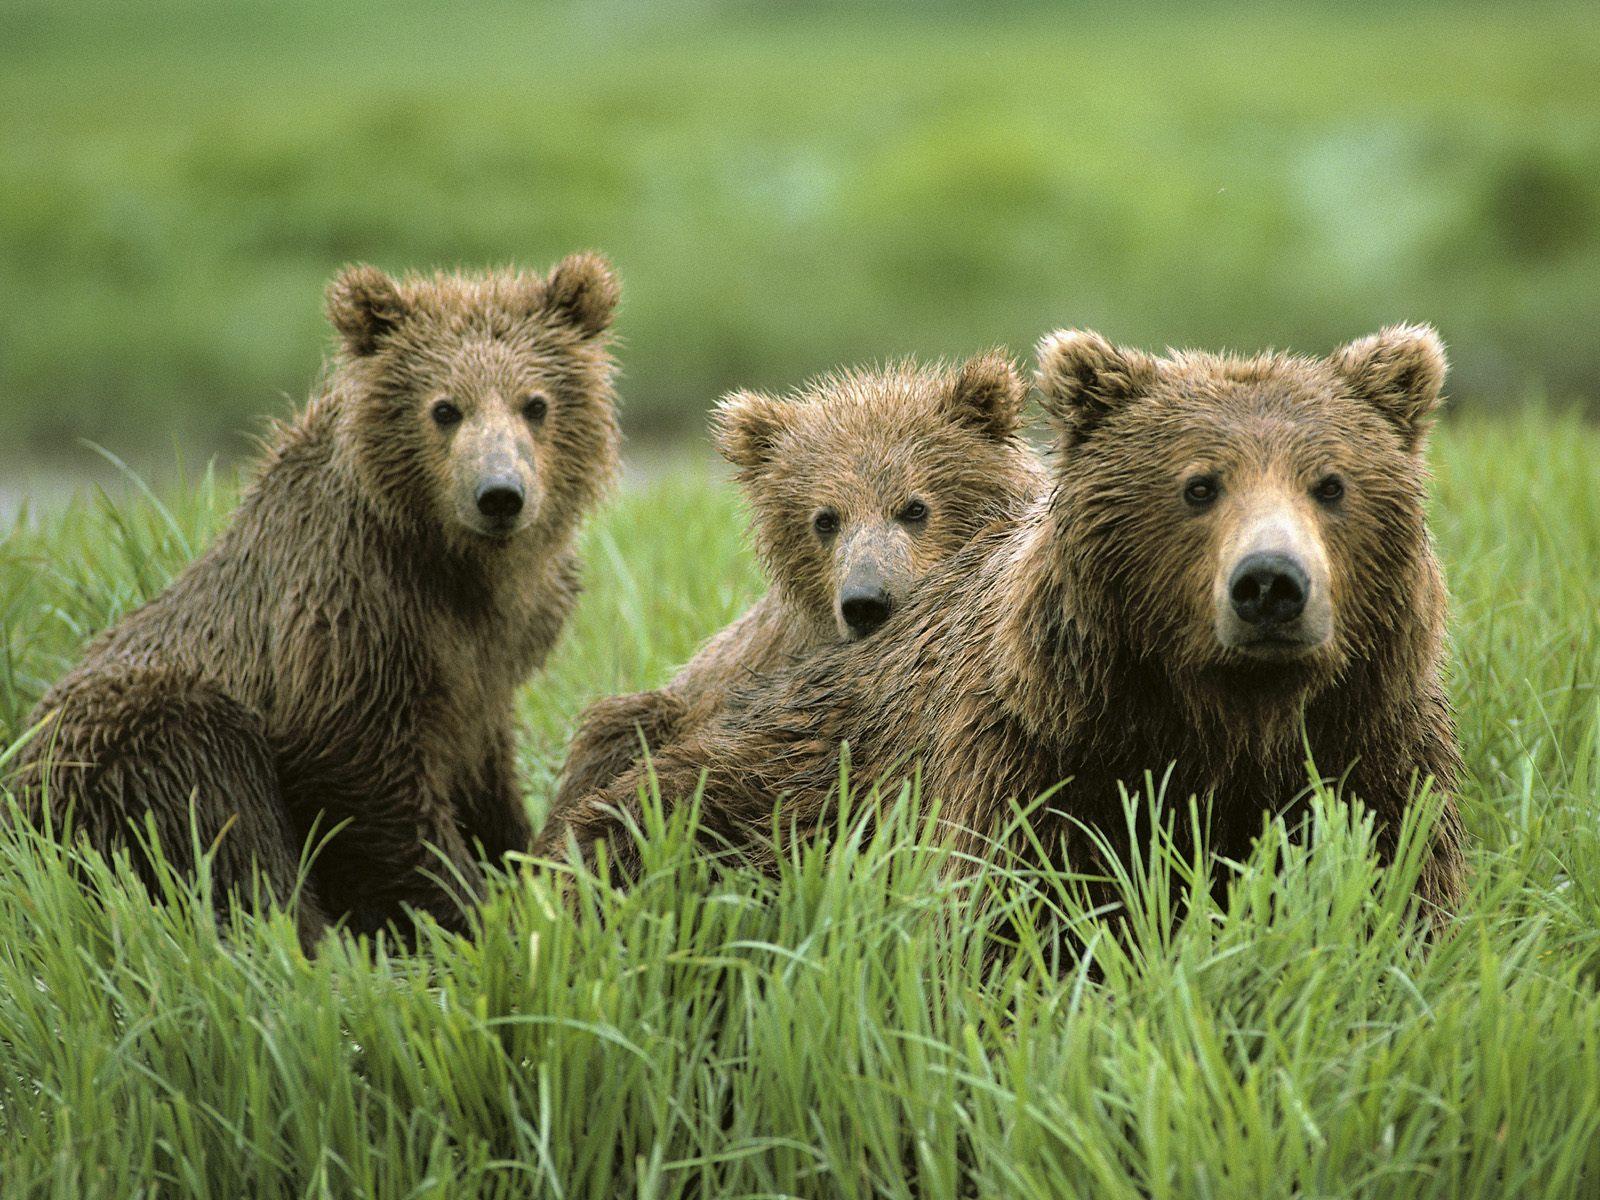 视觉大餐-动物世界 - 沉默是金 -    沉默是金博客